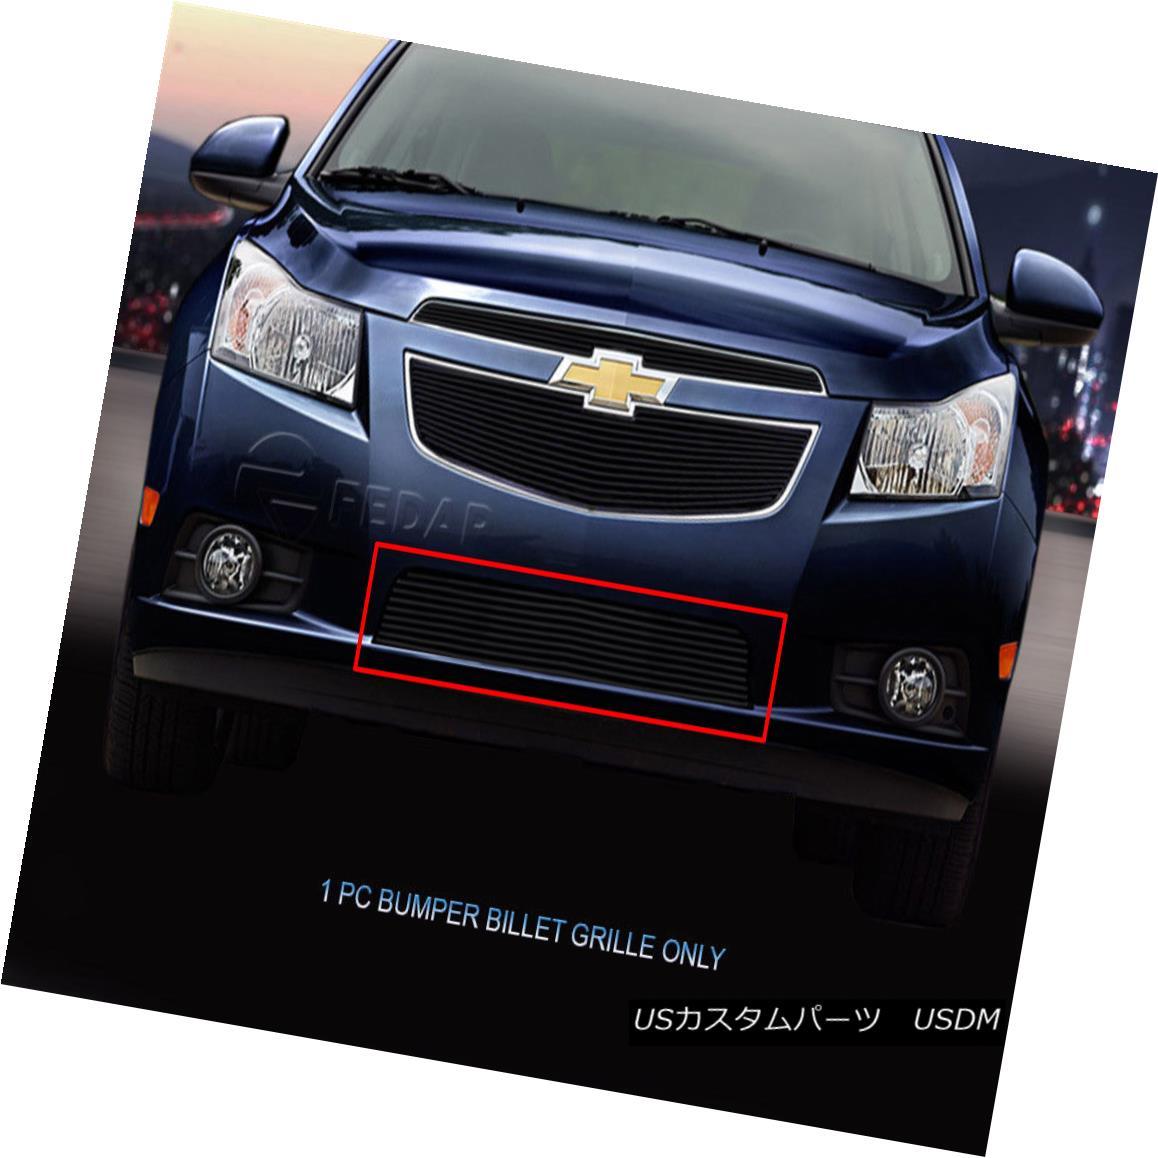 グリル Fedar Fits 2011-2014 Chevy Cruze LT RS/ LTZ RS Black Lower Bumper Billet Grille Fedar 2011-2014シボレー・クルーズLT RS / LTZ RSブラック・ロワー・バンパー・ビレット・グリル